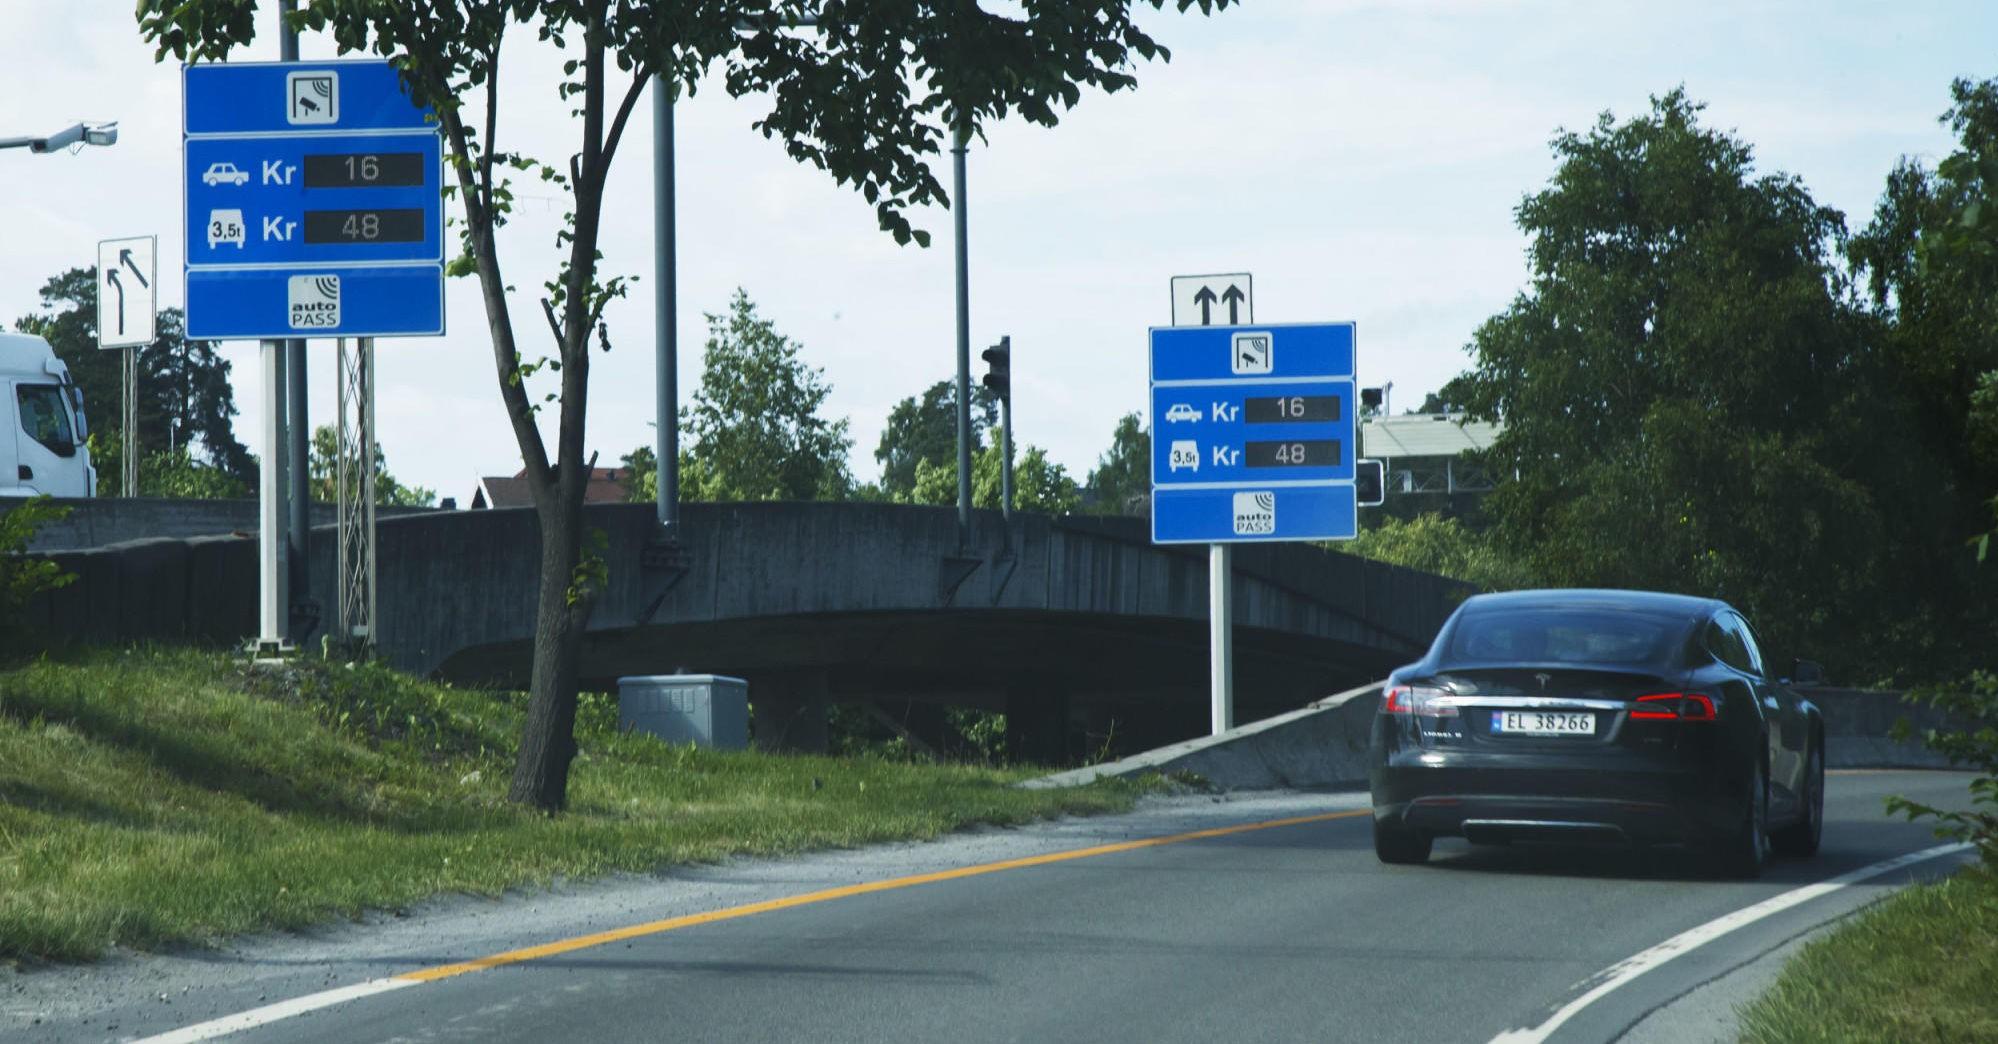 ELBILER MÅ OGSÅ BETALE BOMPENGER: Det skal bli dyrere å kjøre bil i Oslo - også for nullutslippsbilene som snart må belage seg på å betale bompenger.